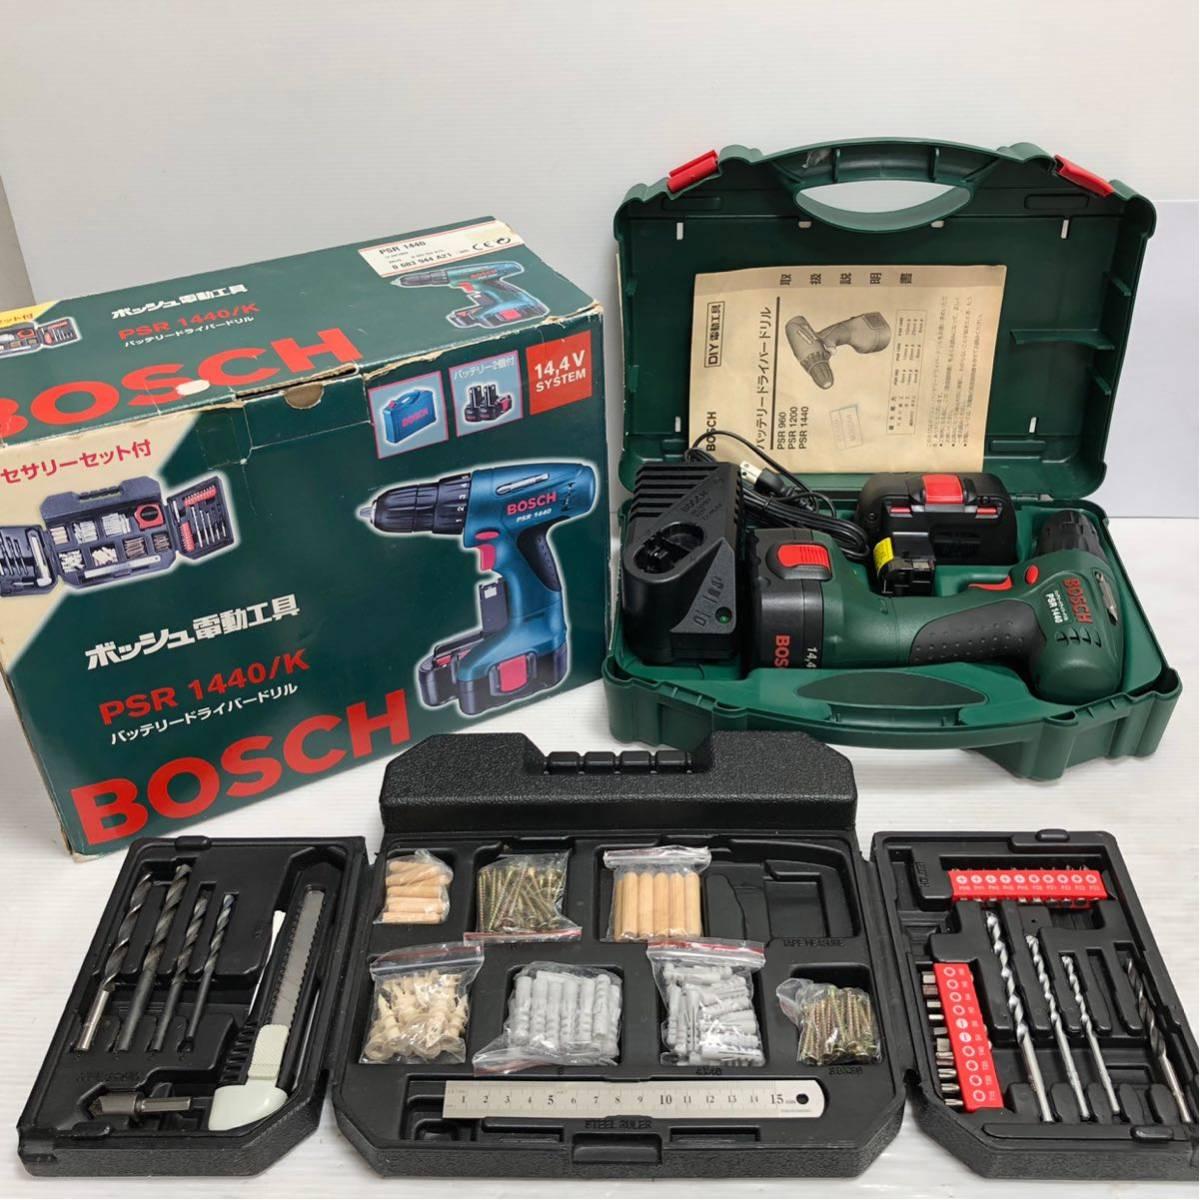 BOSCH ボッシュ 電動工具 PSR1440 バッテリードライバードリル バッテリー2個付 14.4v アクセサリーセット付 _画像3